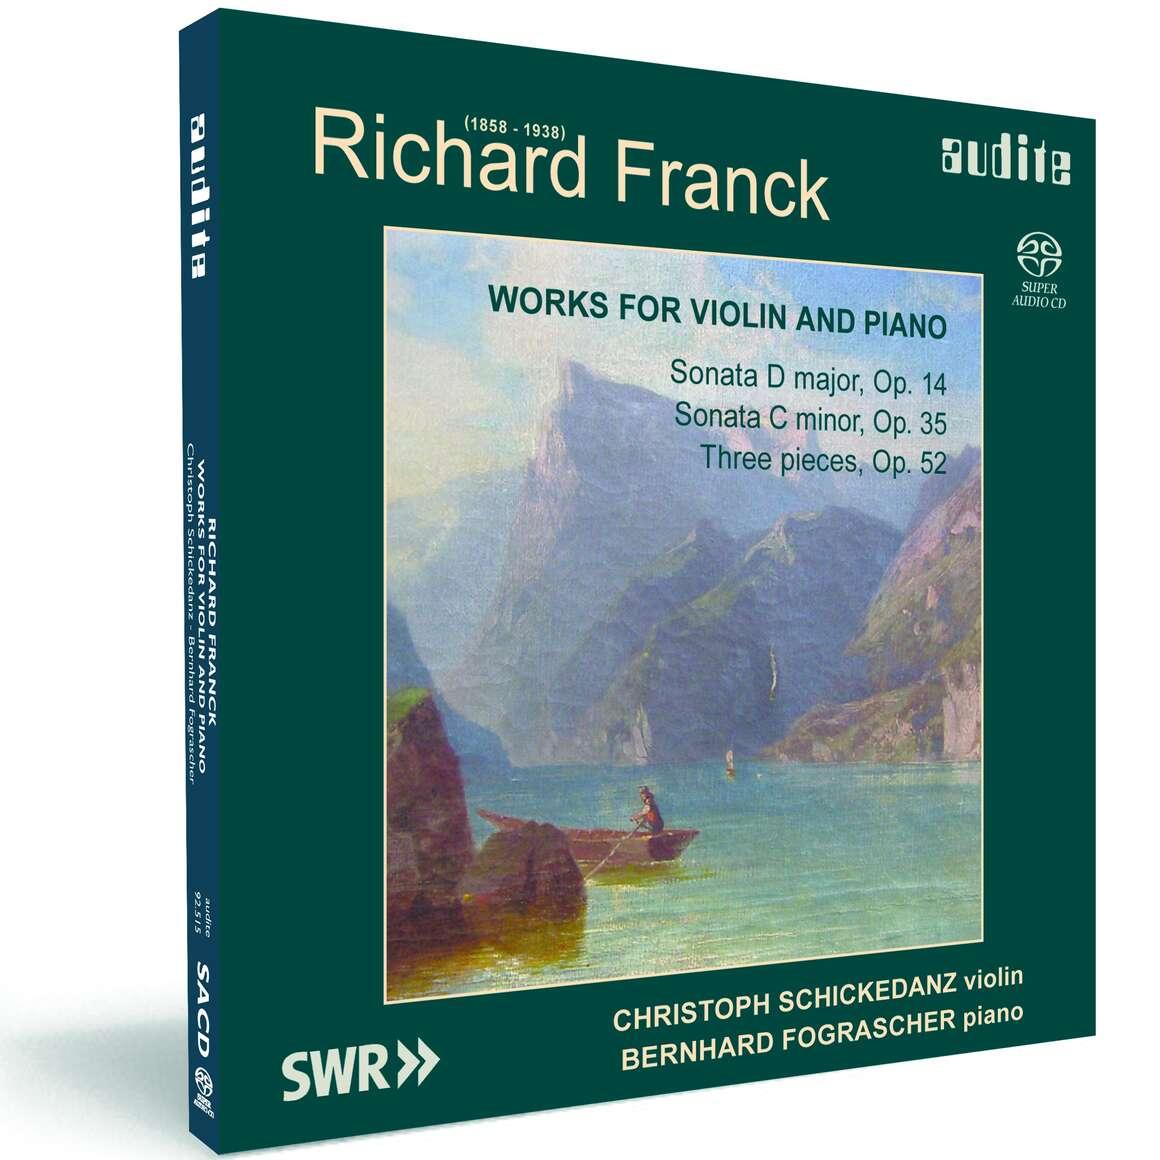 R. Franck: Violin Sonatas Nos 1 & 2, Three Pieces Op. 52